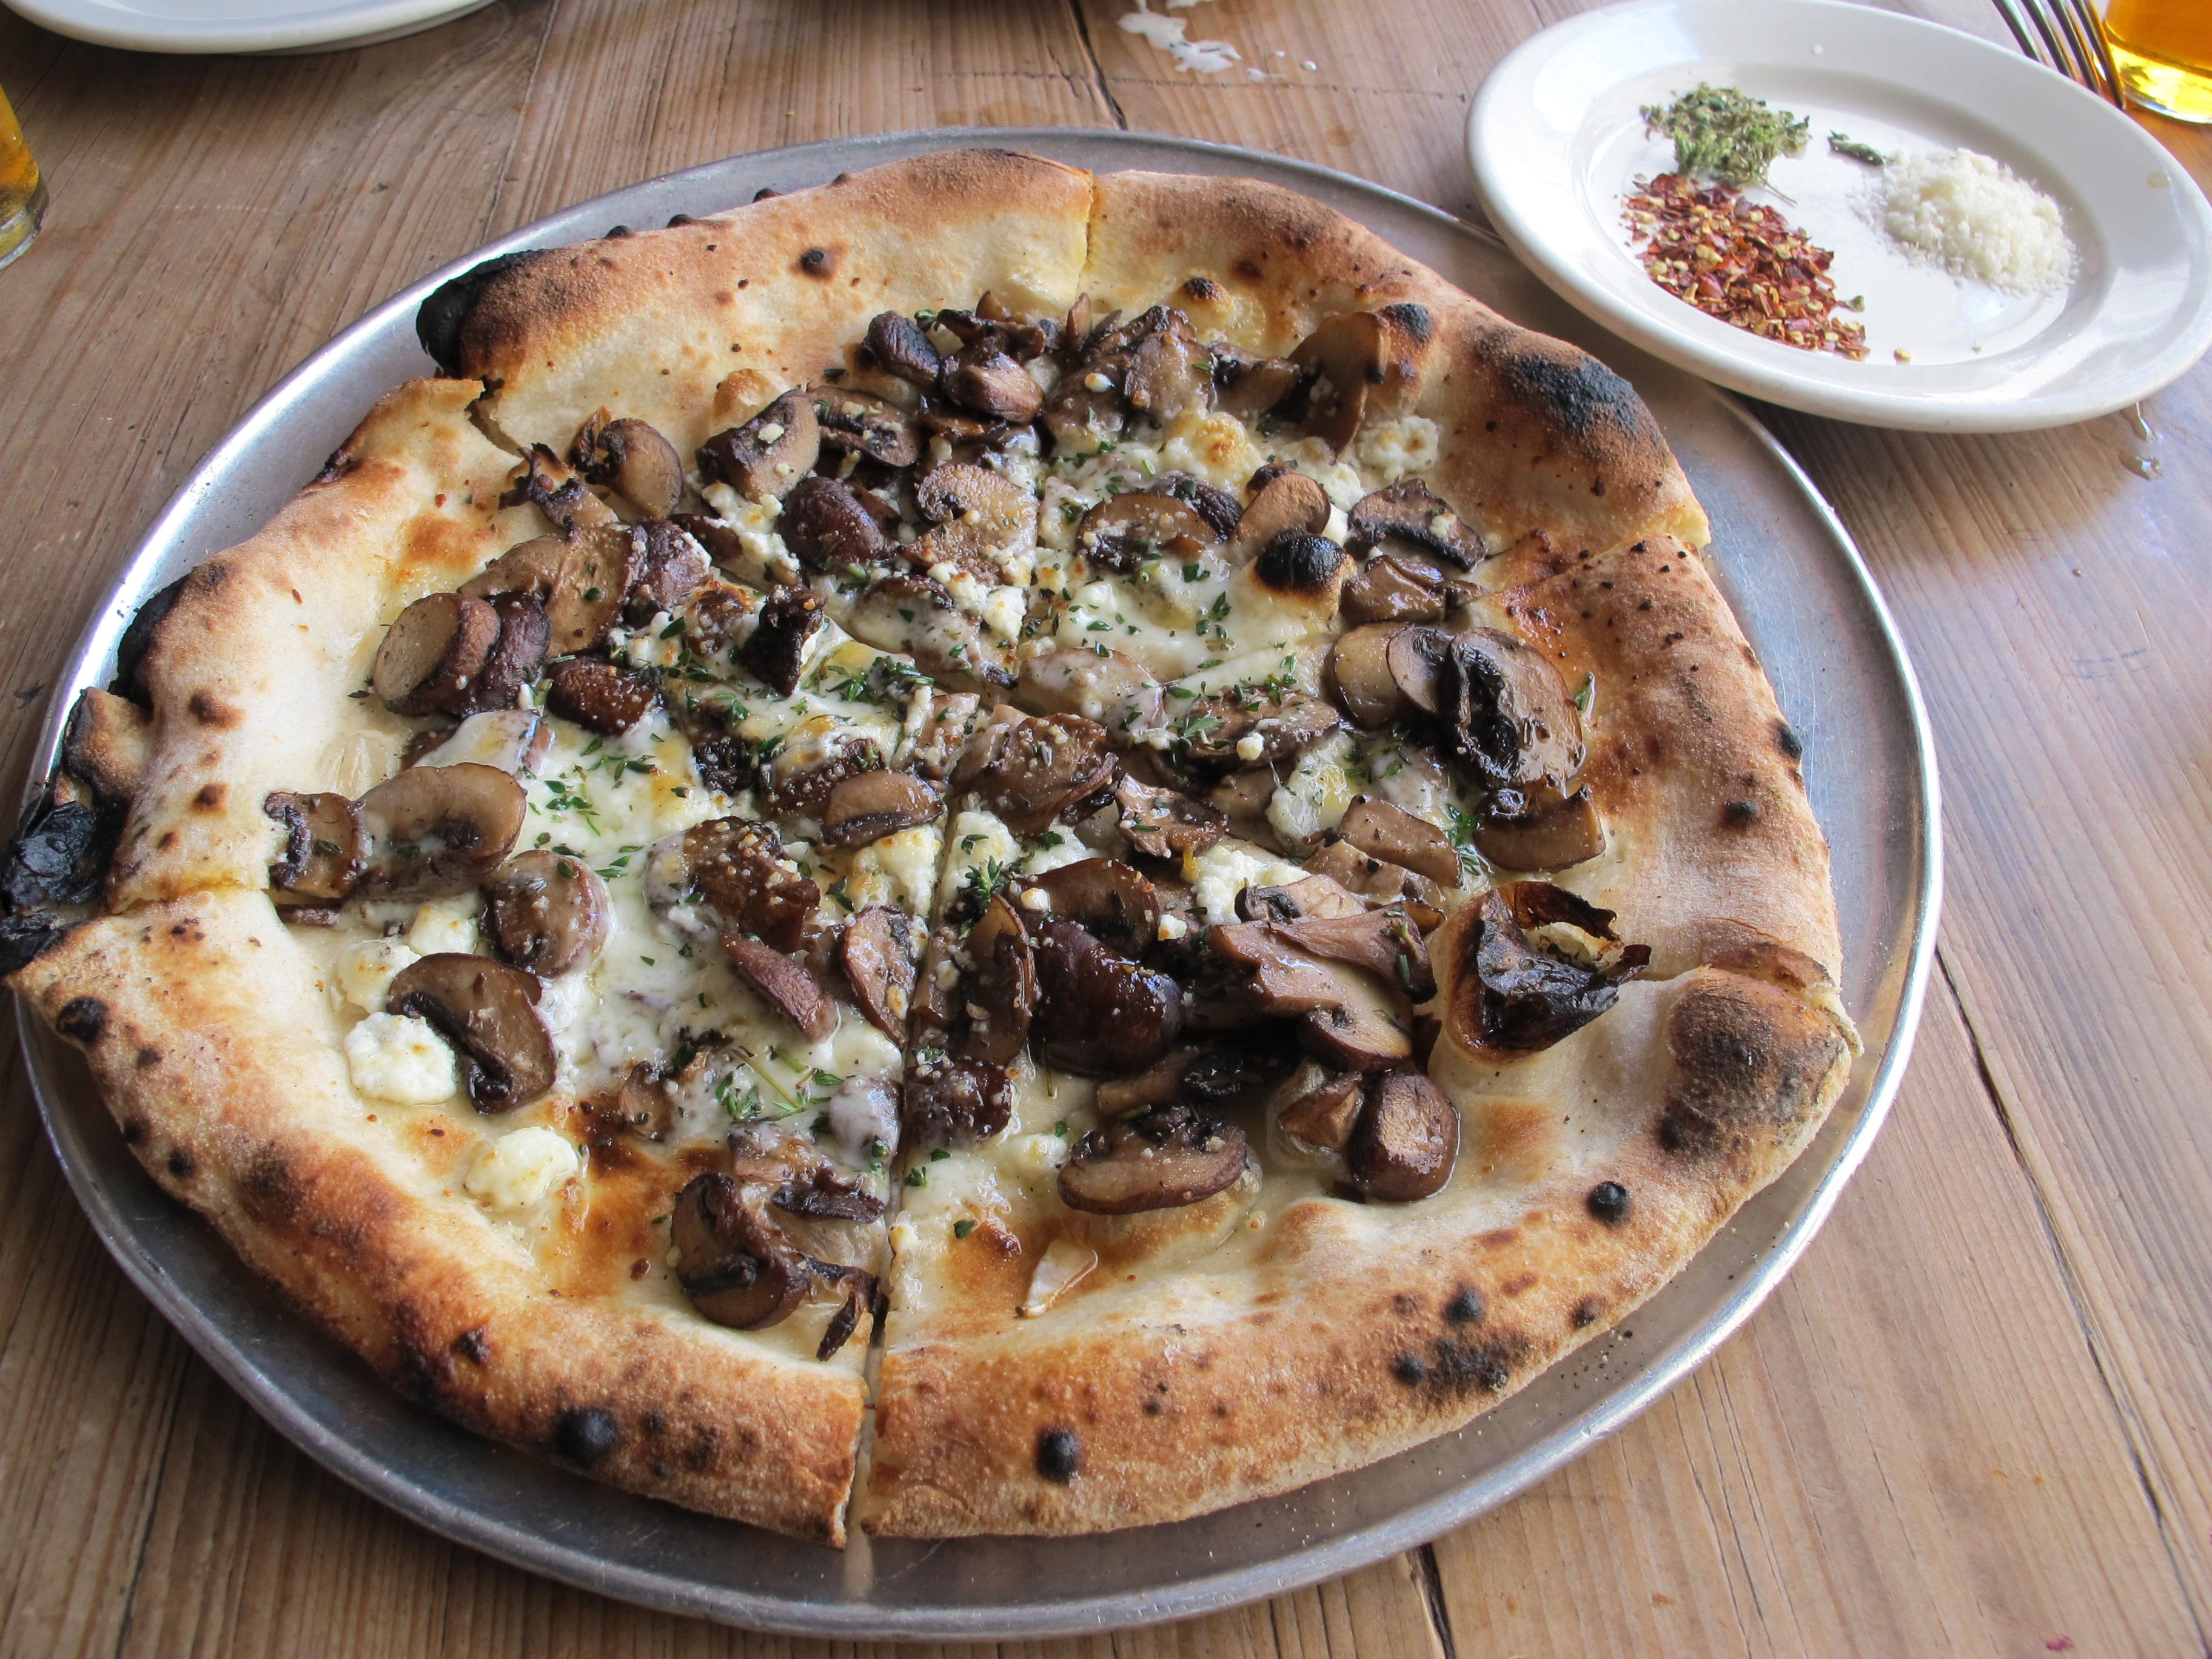 Crispy mushroom pizza at Gjelina in Venice